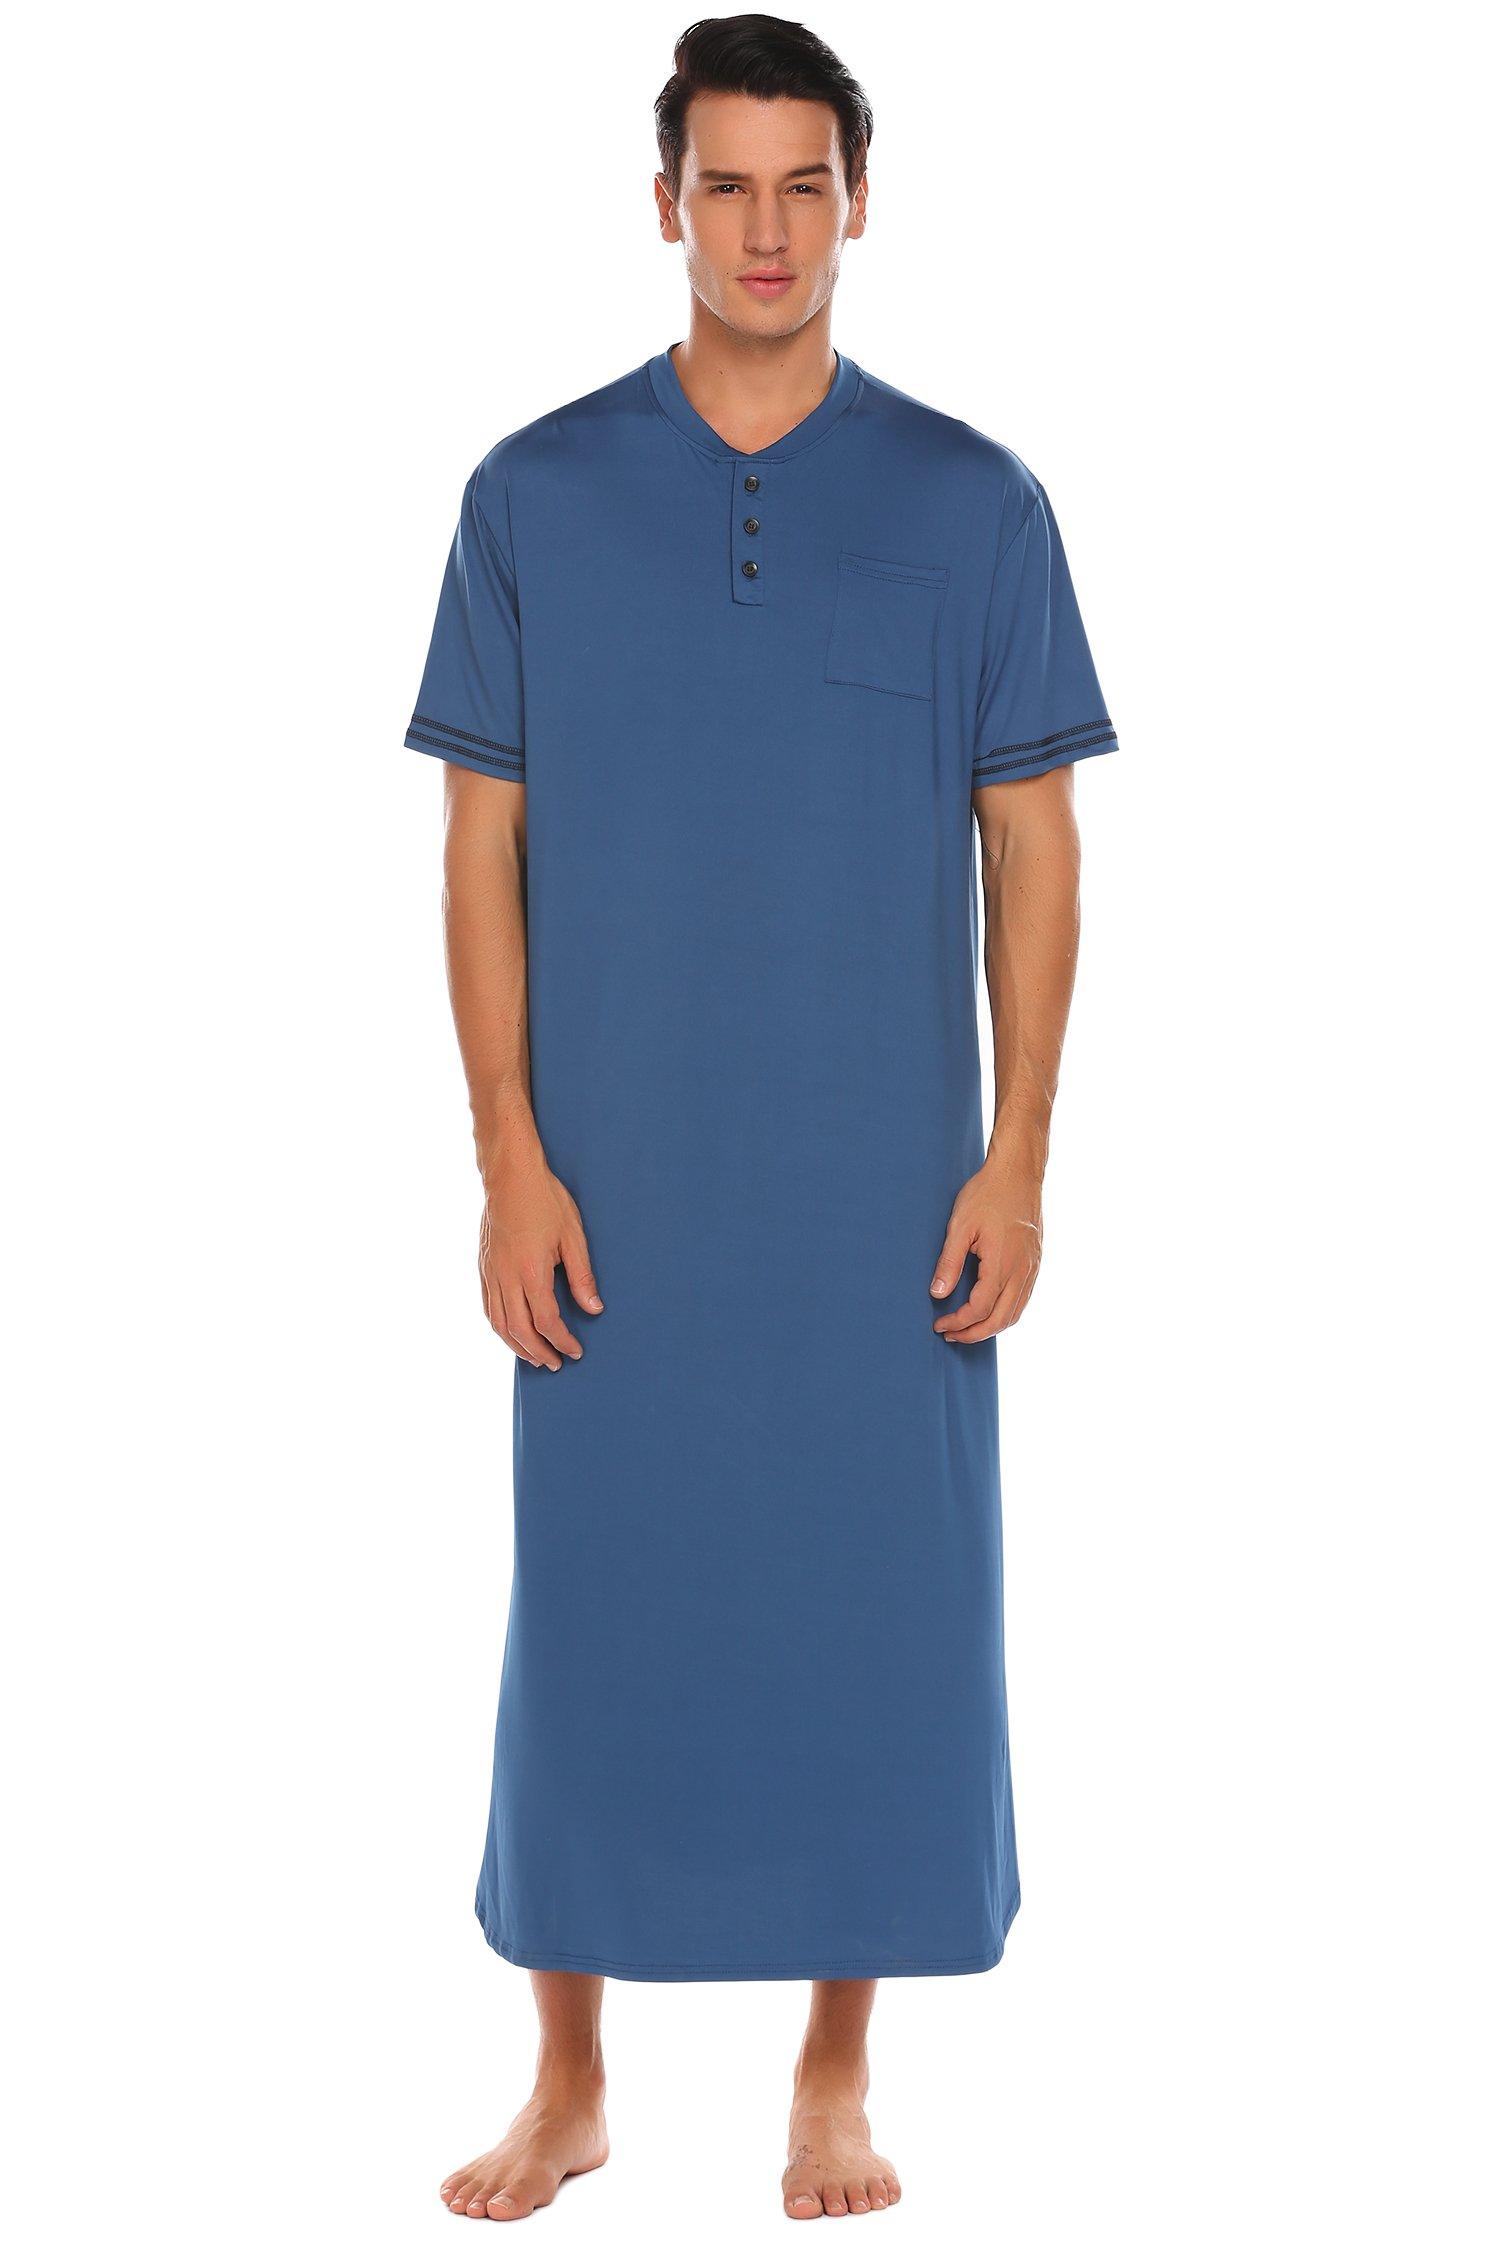 Ekouaer Men's Cotton Nightshirts Lightweight HenleySleepshirt (Blue, Large)